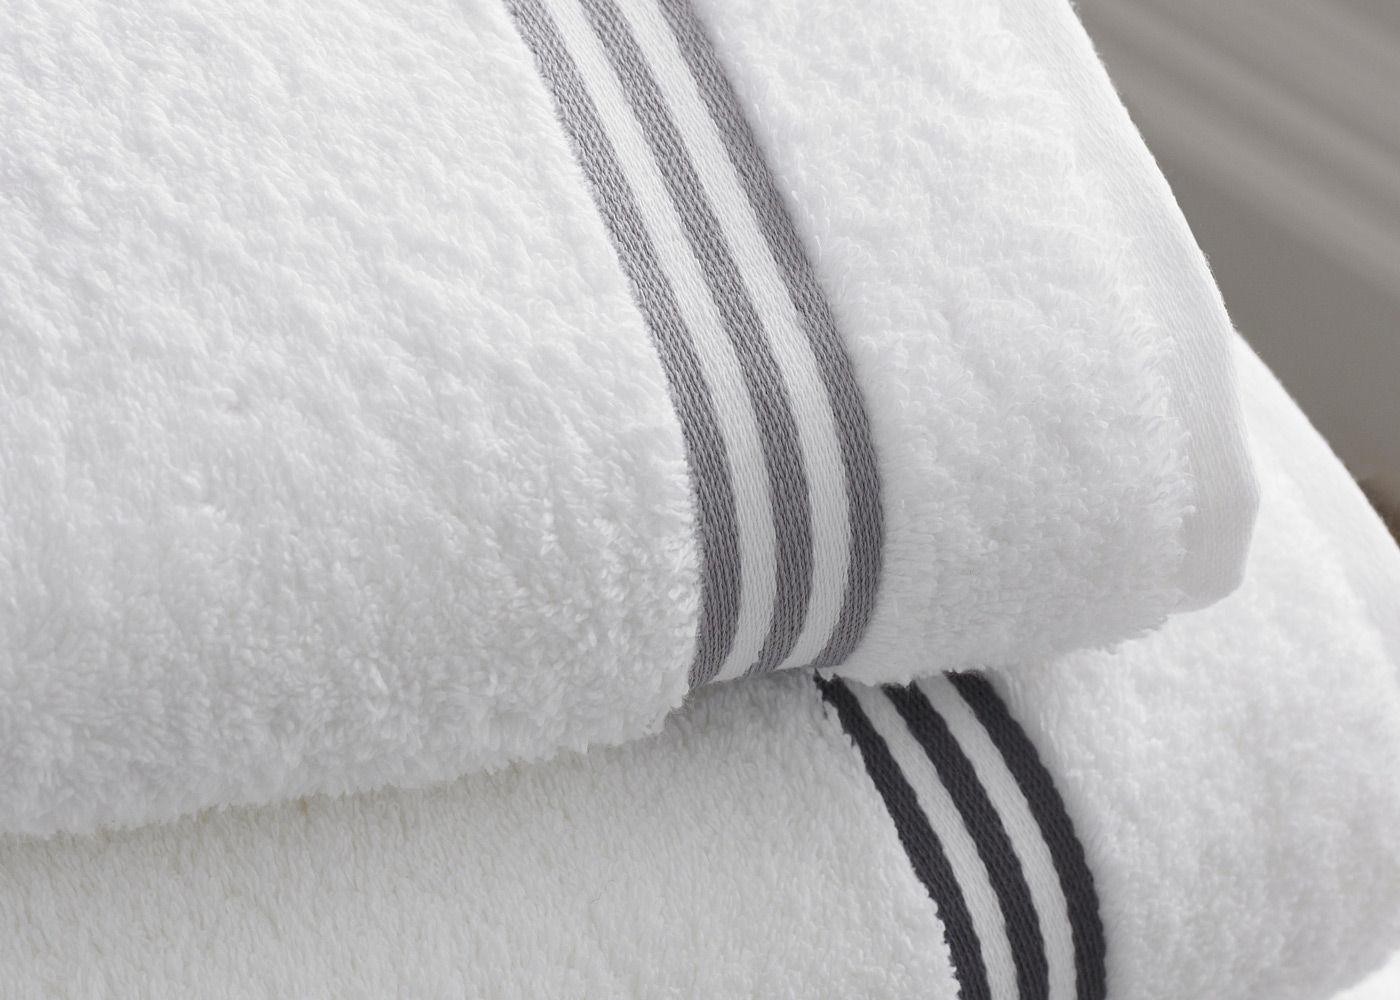 besser schlafen bei sommerhitze mit diesen 10 tipps. Black Bedroom Furniture Sets. Home Design Ideas